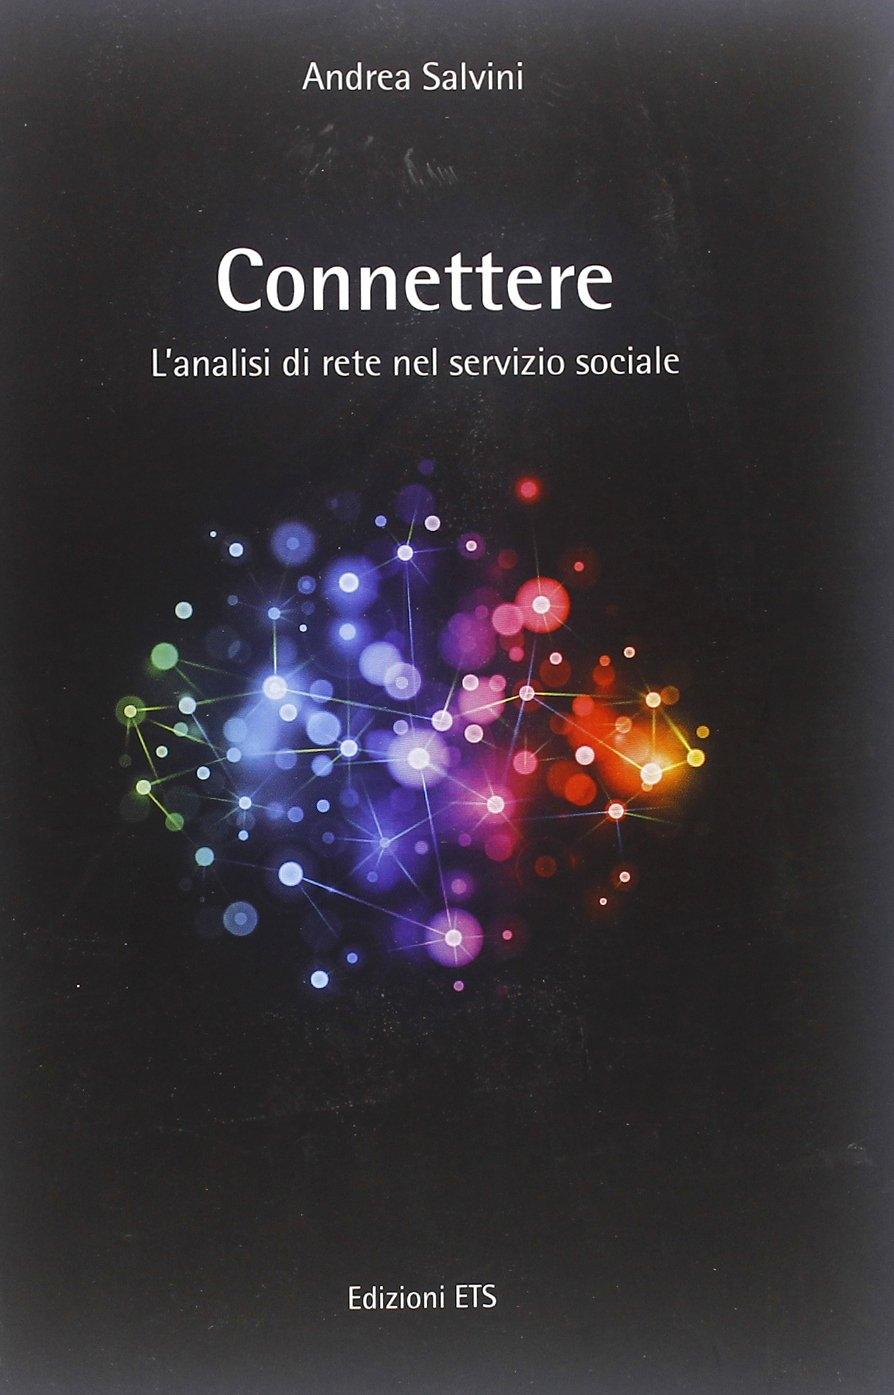 Connettere. L'analisi di rete nel servizio sociale